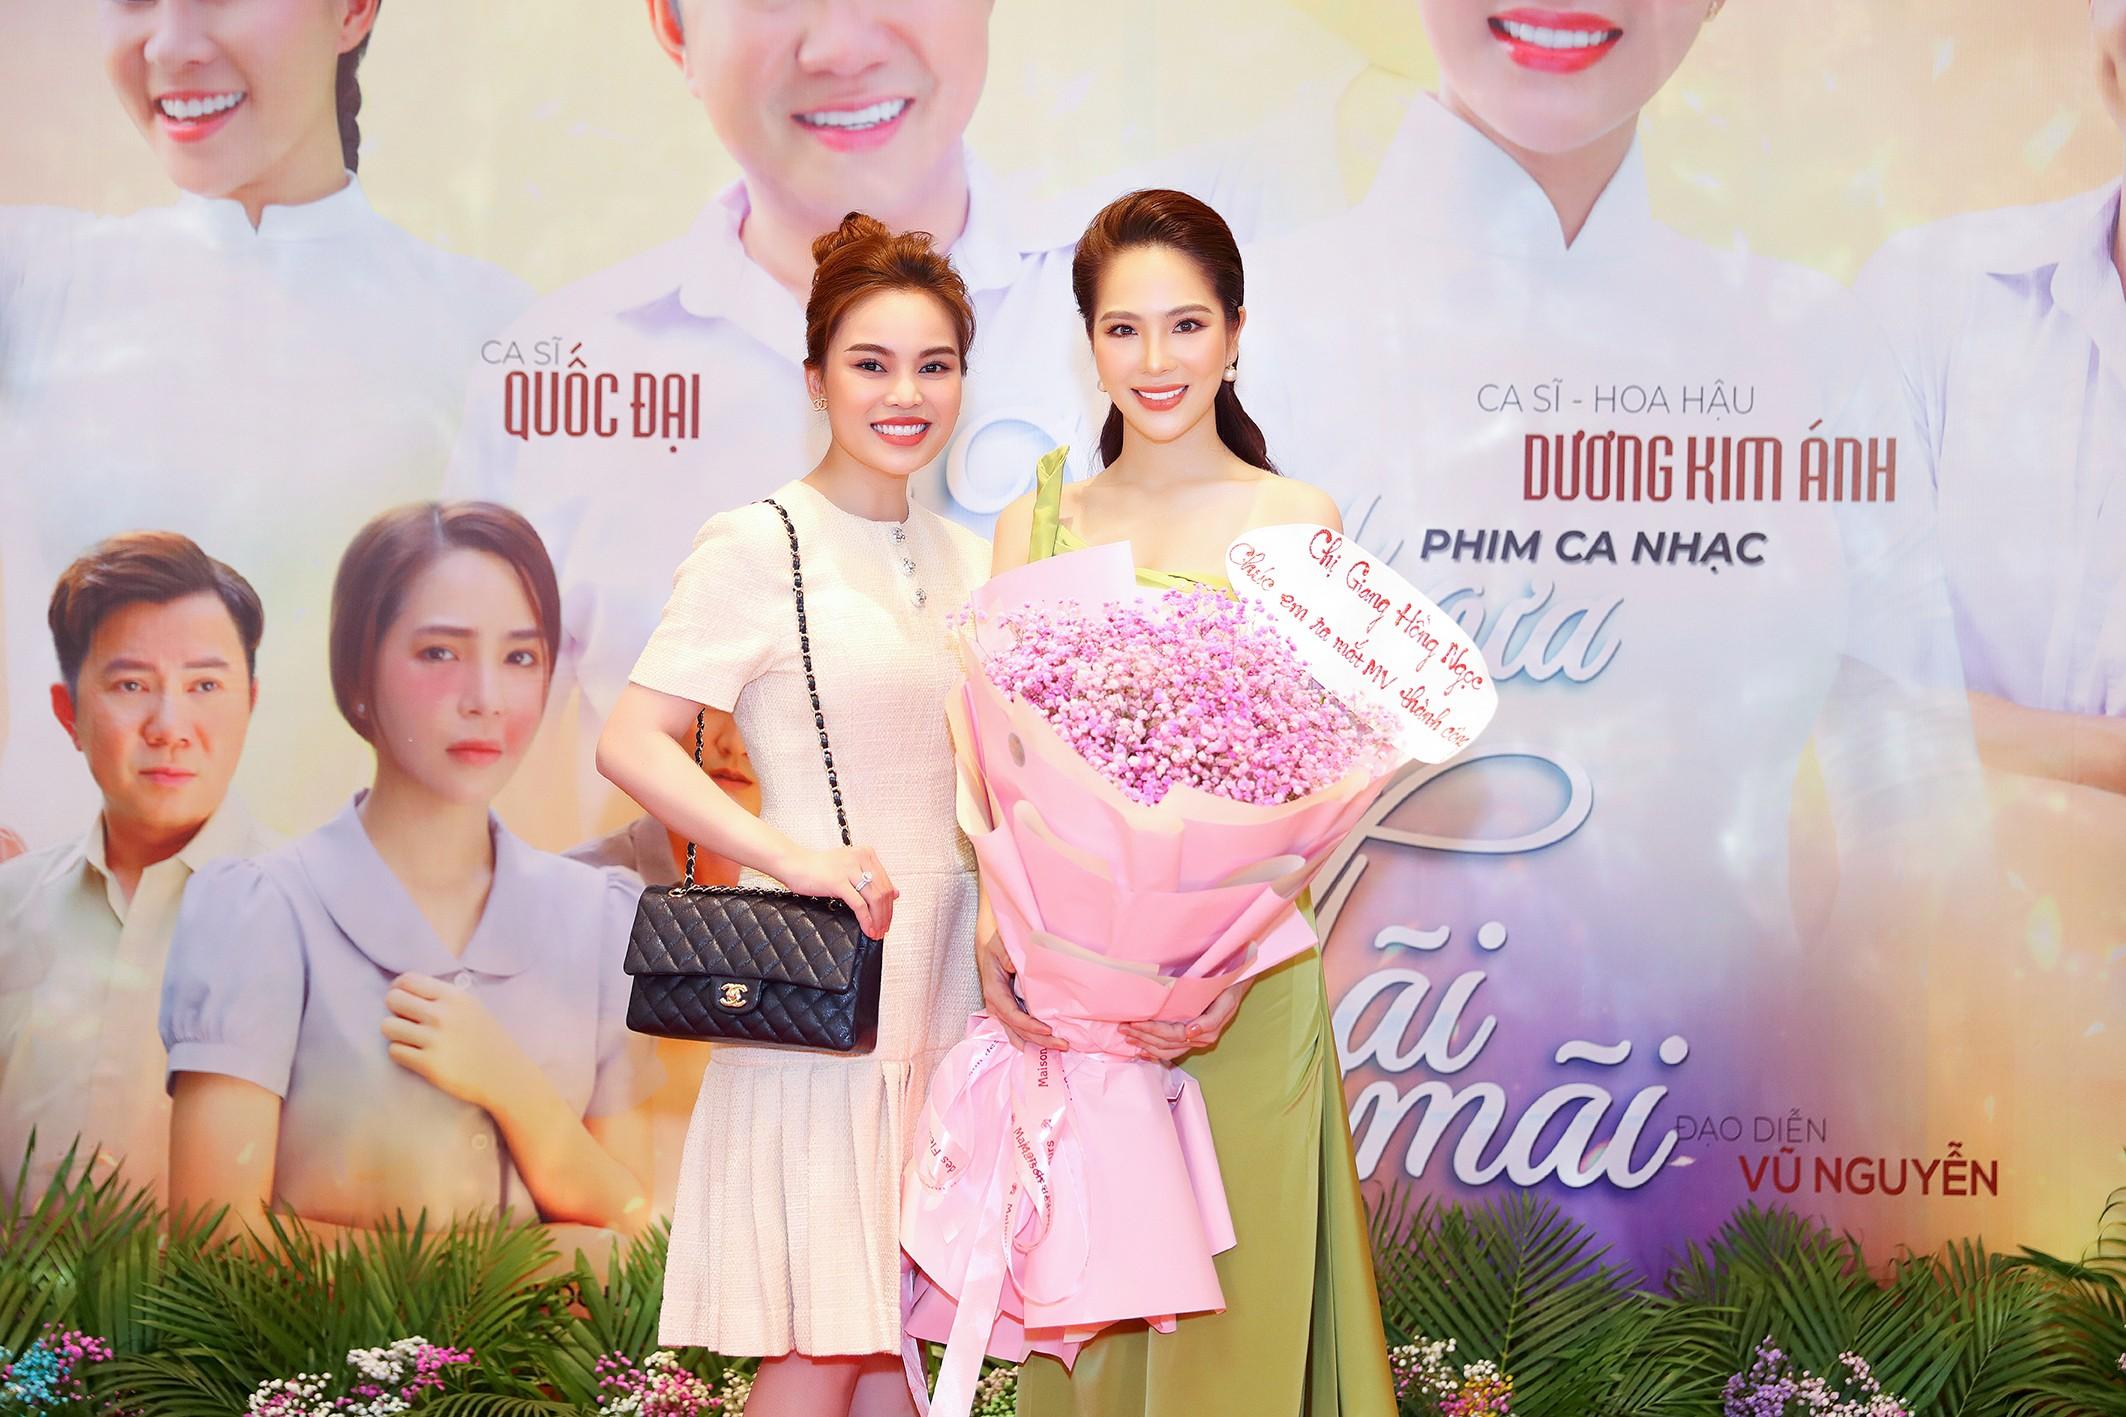 Xã hội - Hoa hậu Dương Kim Ánh hé lộ trọn vẹn câu chuyện tình bi thương (Hình 11).